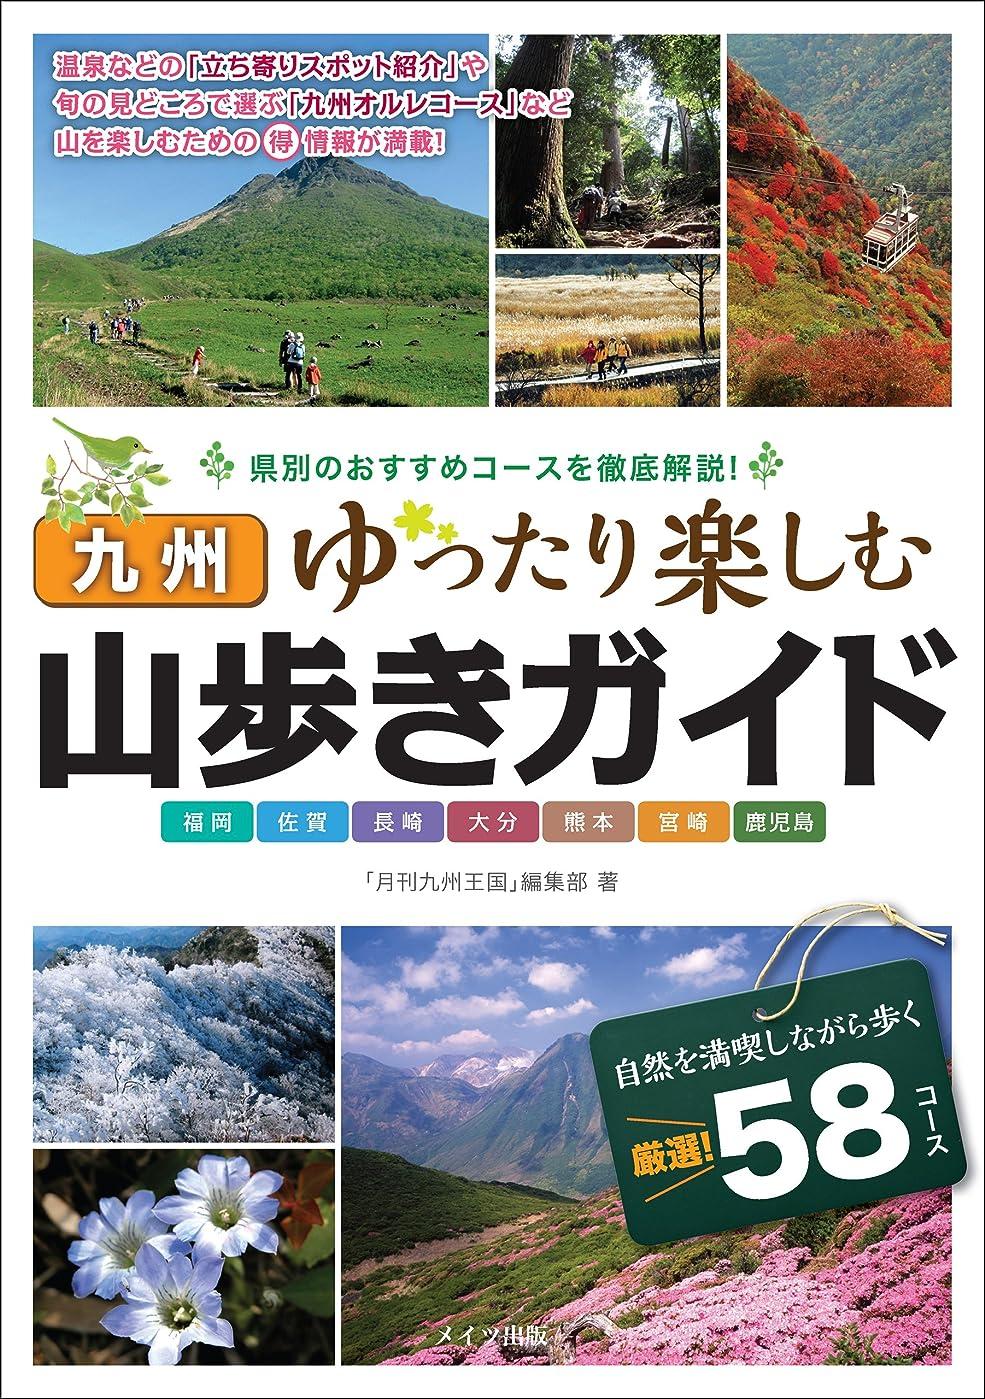 気性一般的に言えば平らにする九州 山歩きガイド ゆったり楽しむ